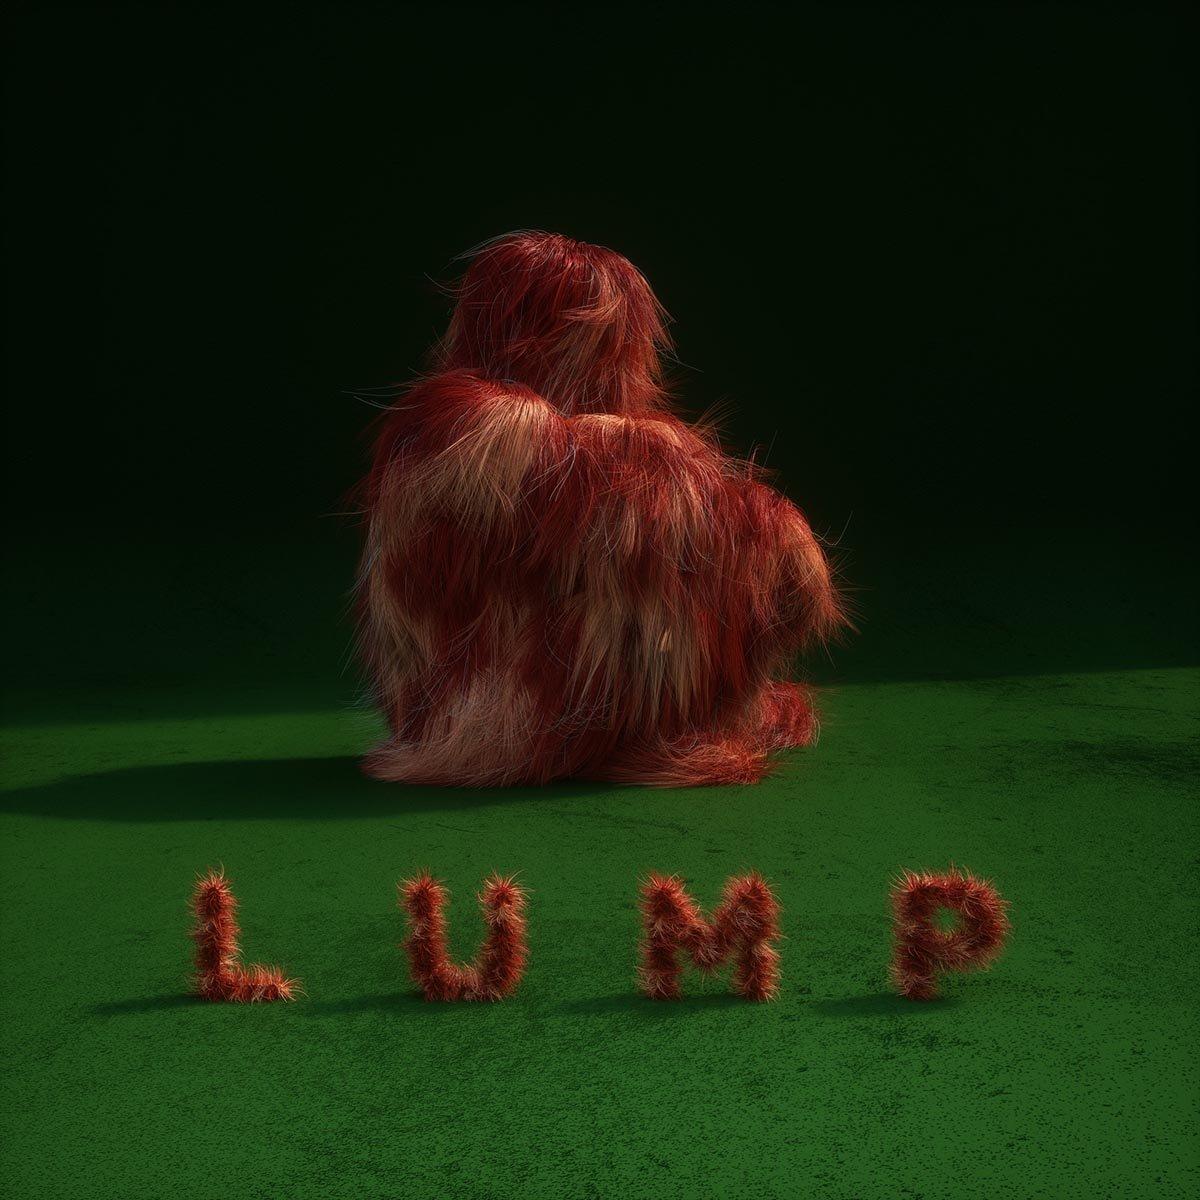 LUMP by Lump image